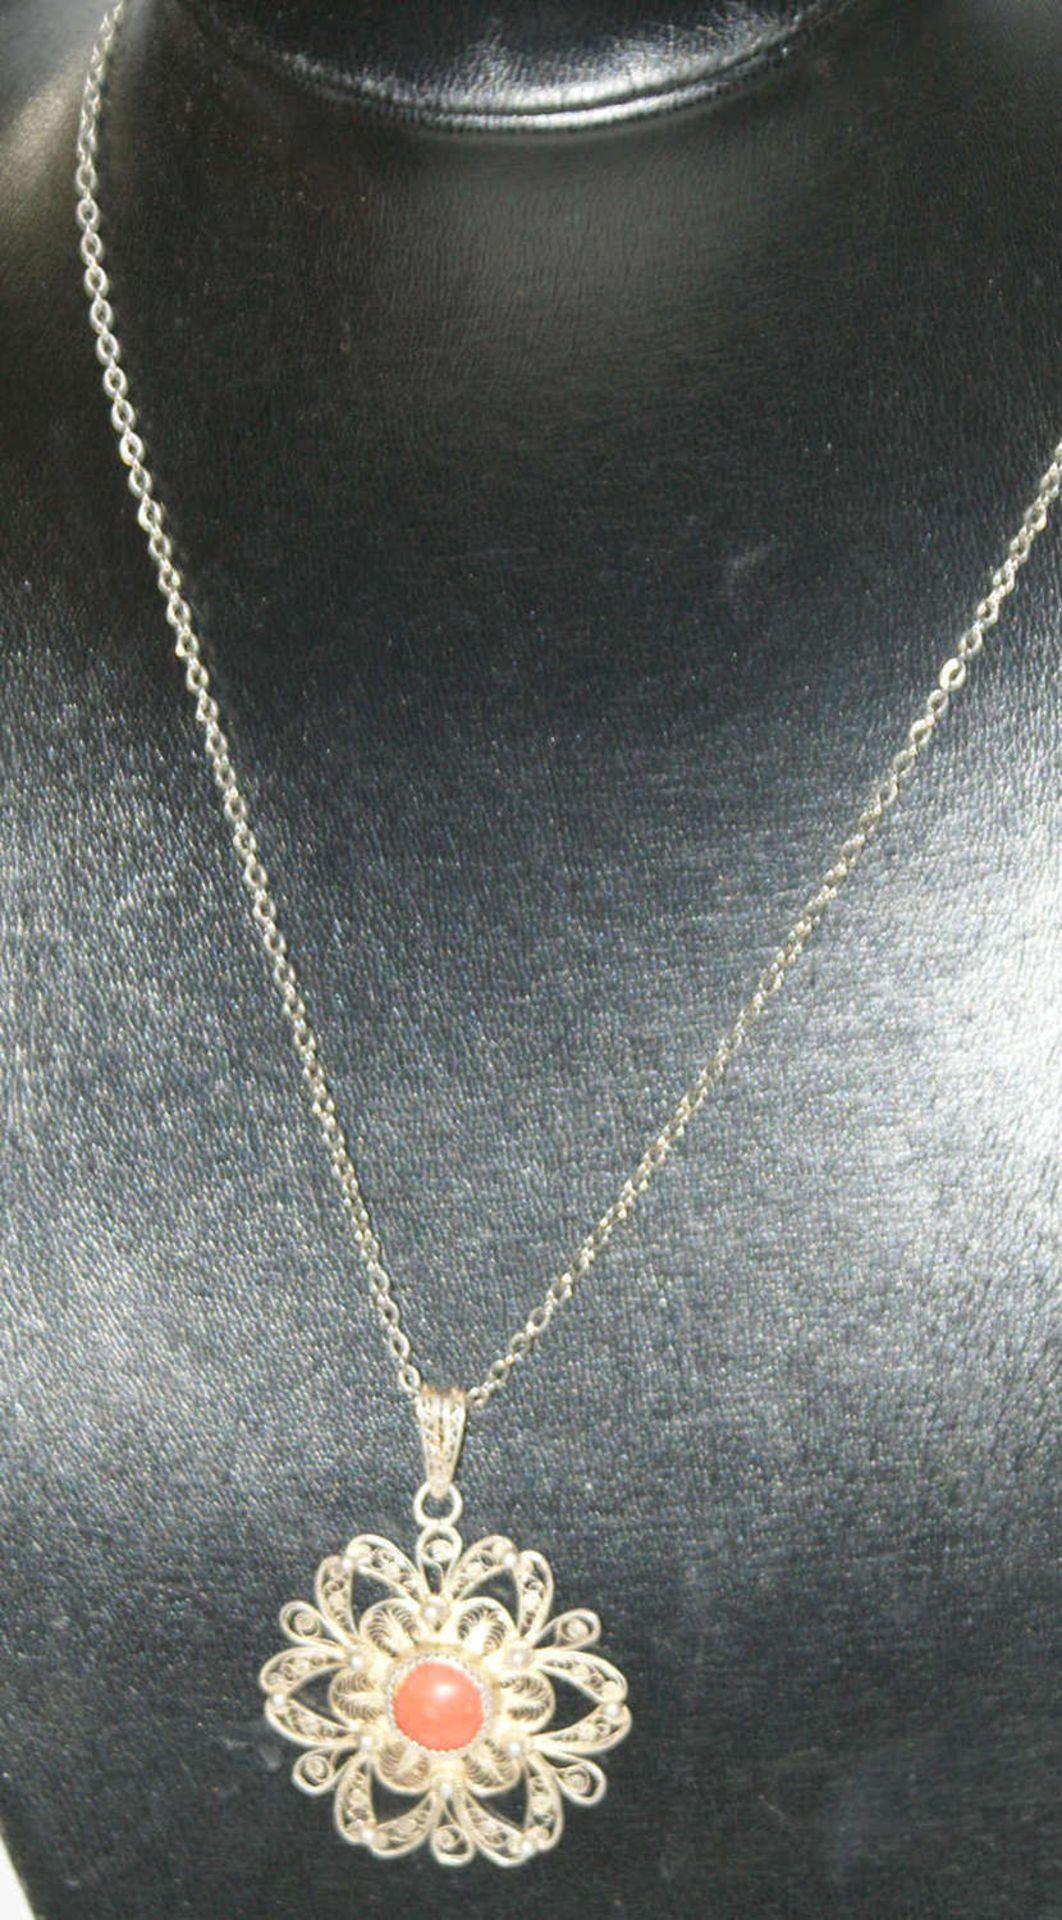 Korallenschmuck, bestehend aus 1 Silberkette mit Anhänger, dieser besetzt mit 1 Koralle, Länge ca.